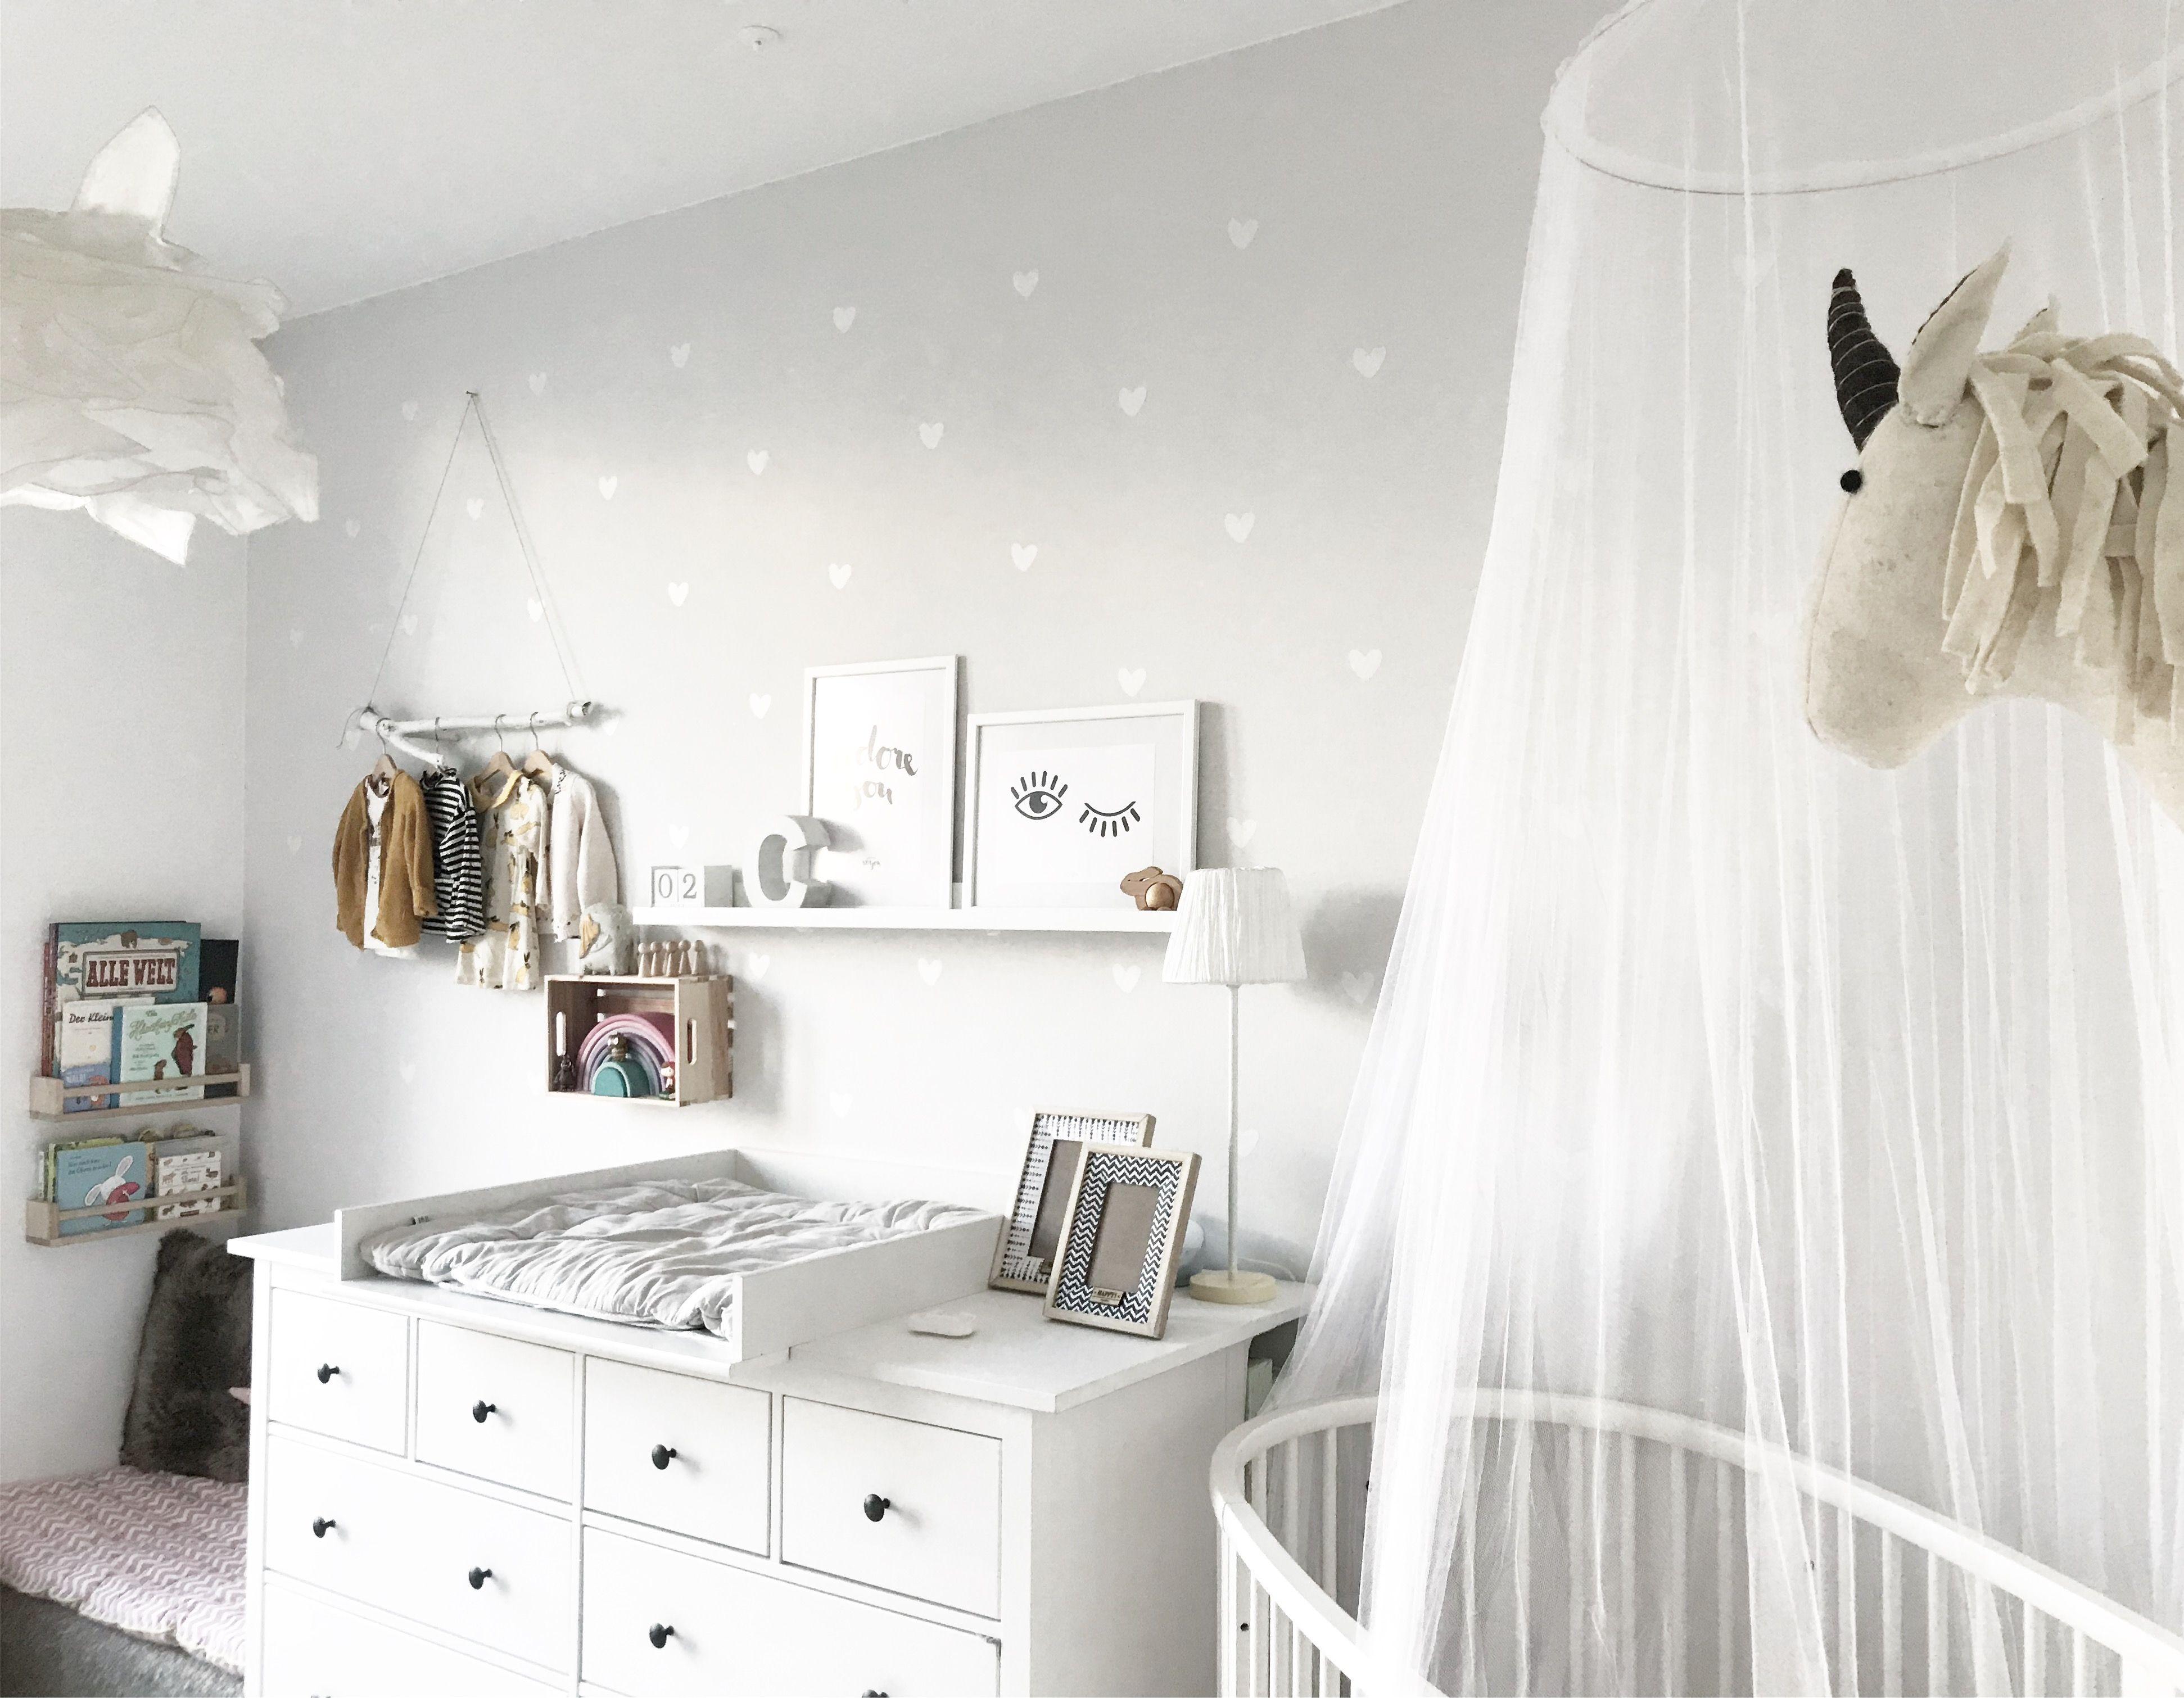 kinderzimmer ikea hemnes. Black Bedroom Furniture Sets. Home Design Ideas